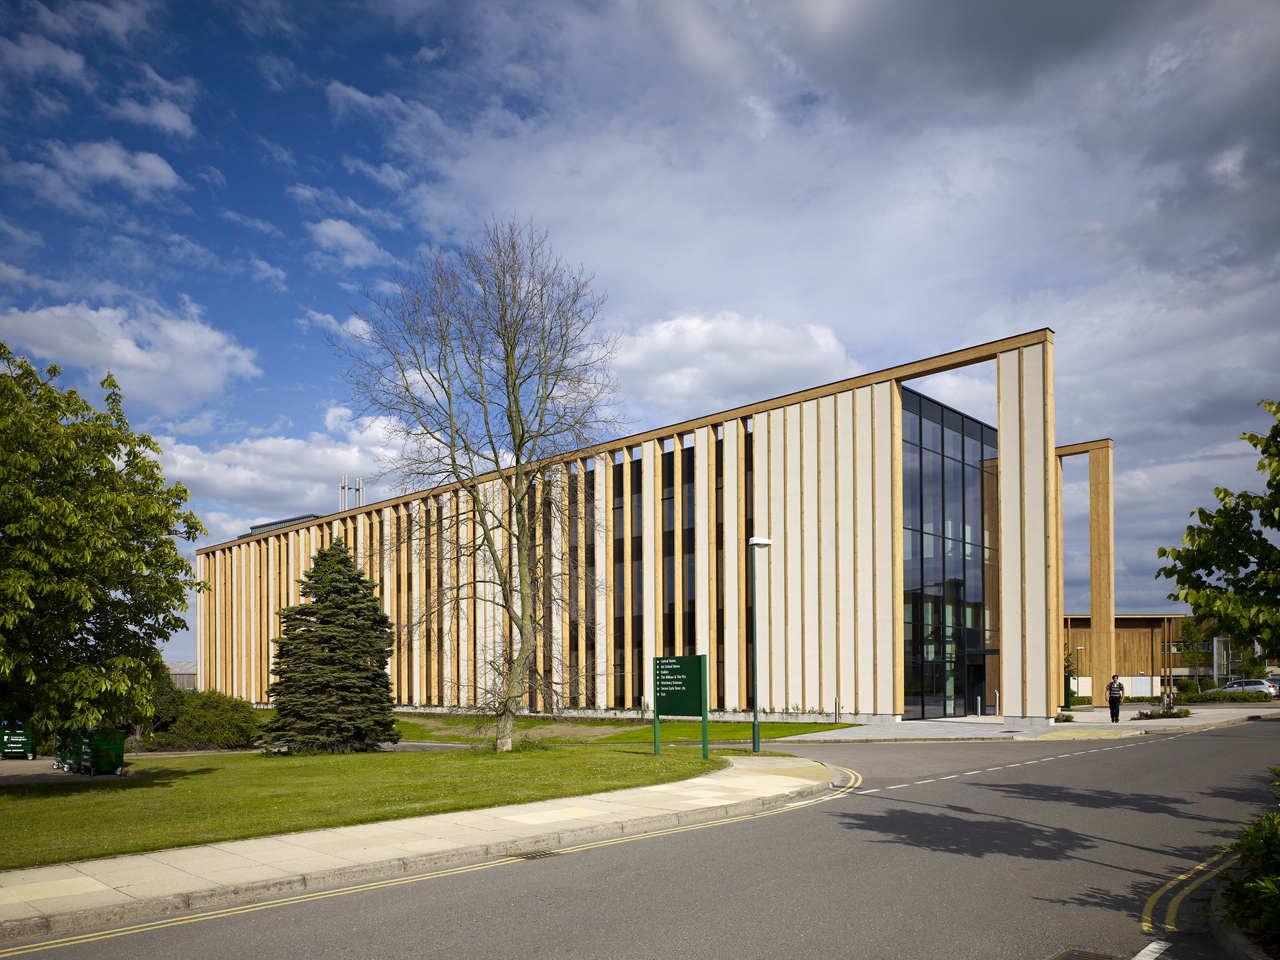 The University of Nottingham - The Gateway Building / Make Architects, © Make Architects